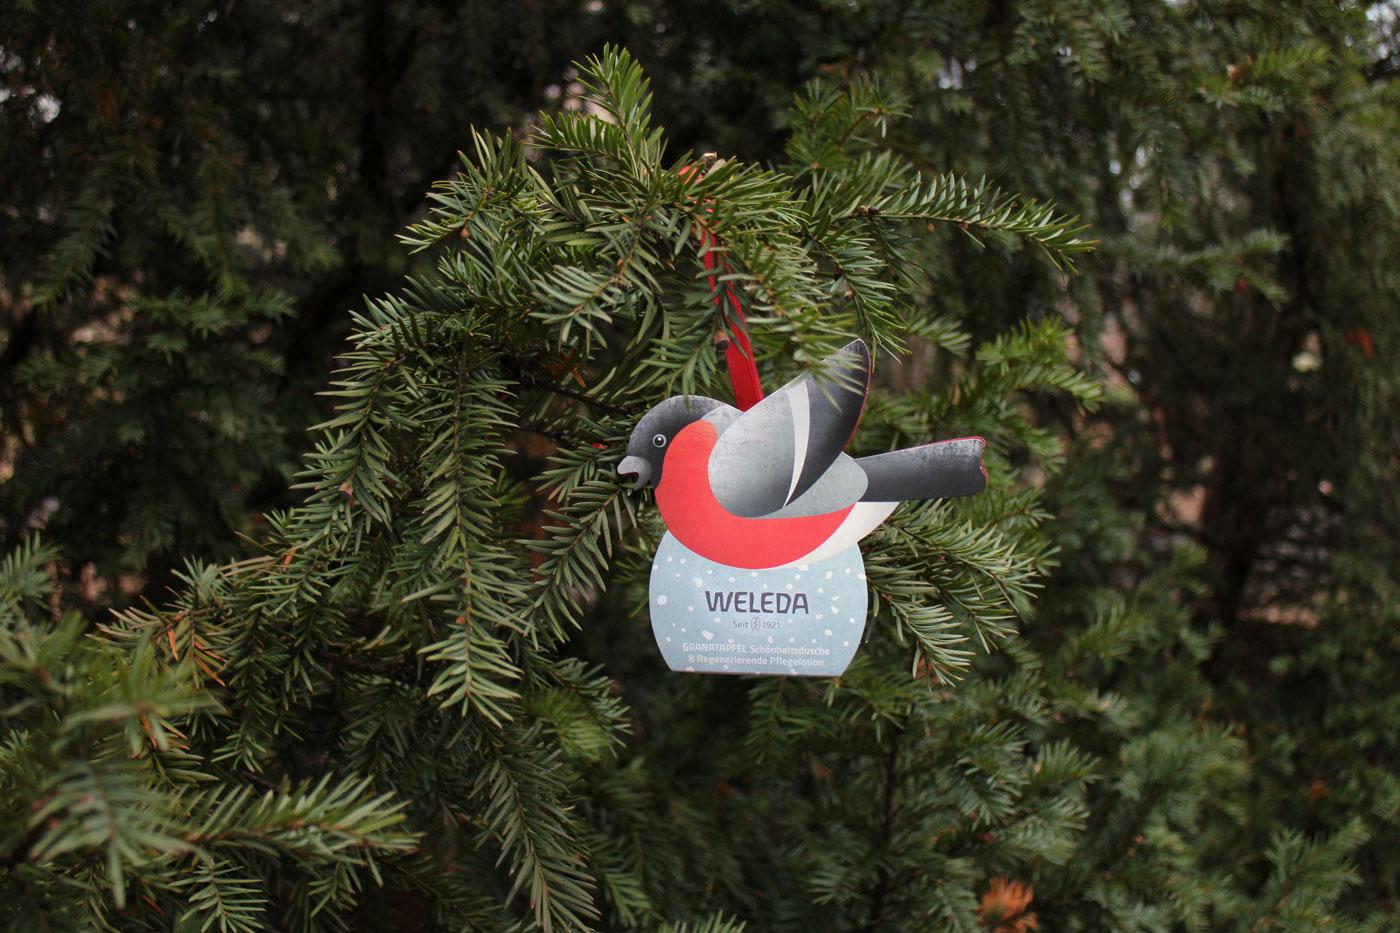 Weleda Weihnachten 2018 Vogel